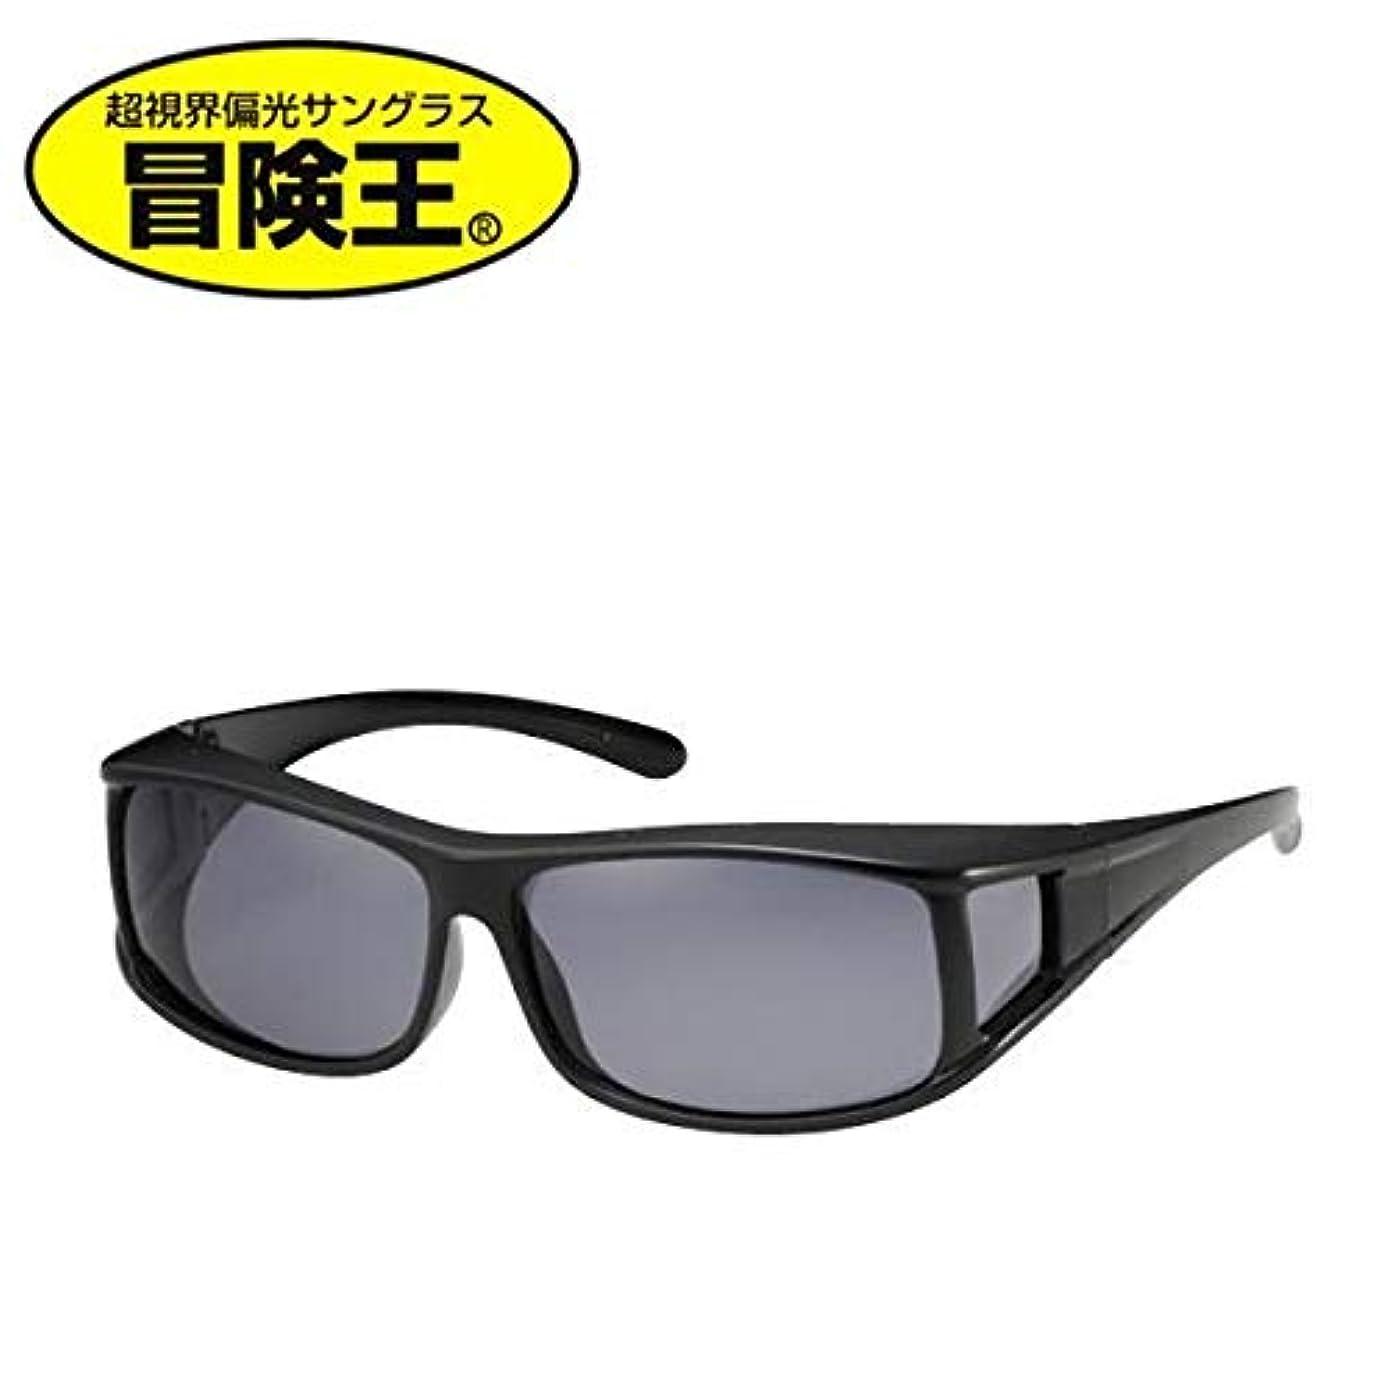 脊椎オリエンテーションコンセンサス冒険王(Boken-Oh) サングラス ネオサンカバー(四角型) SC-10S ブラック